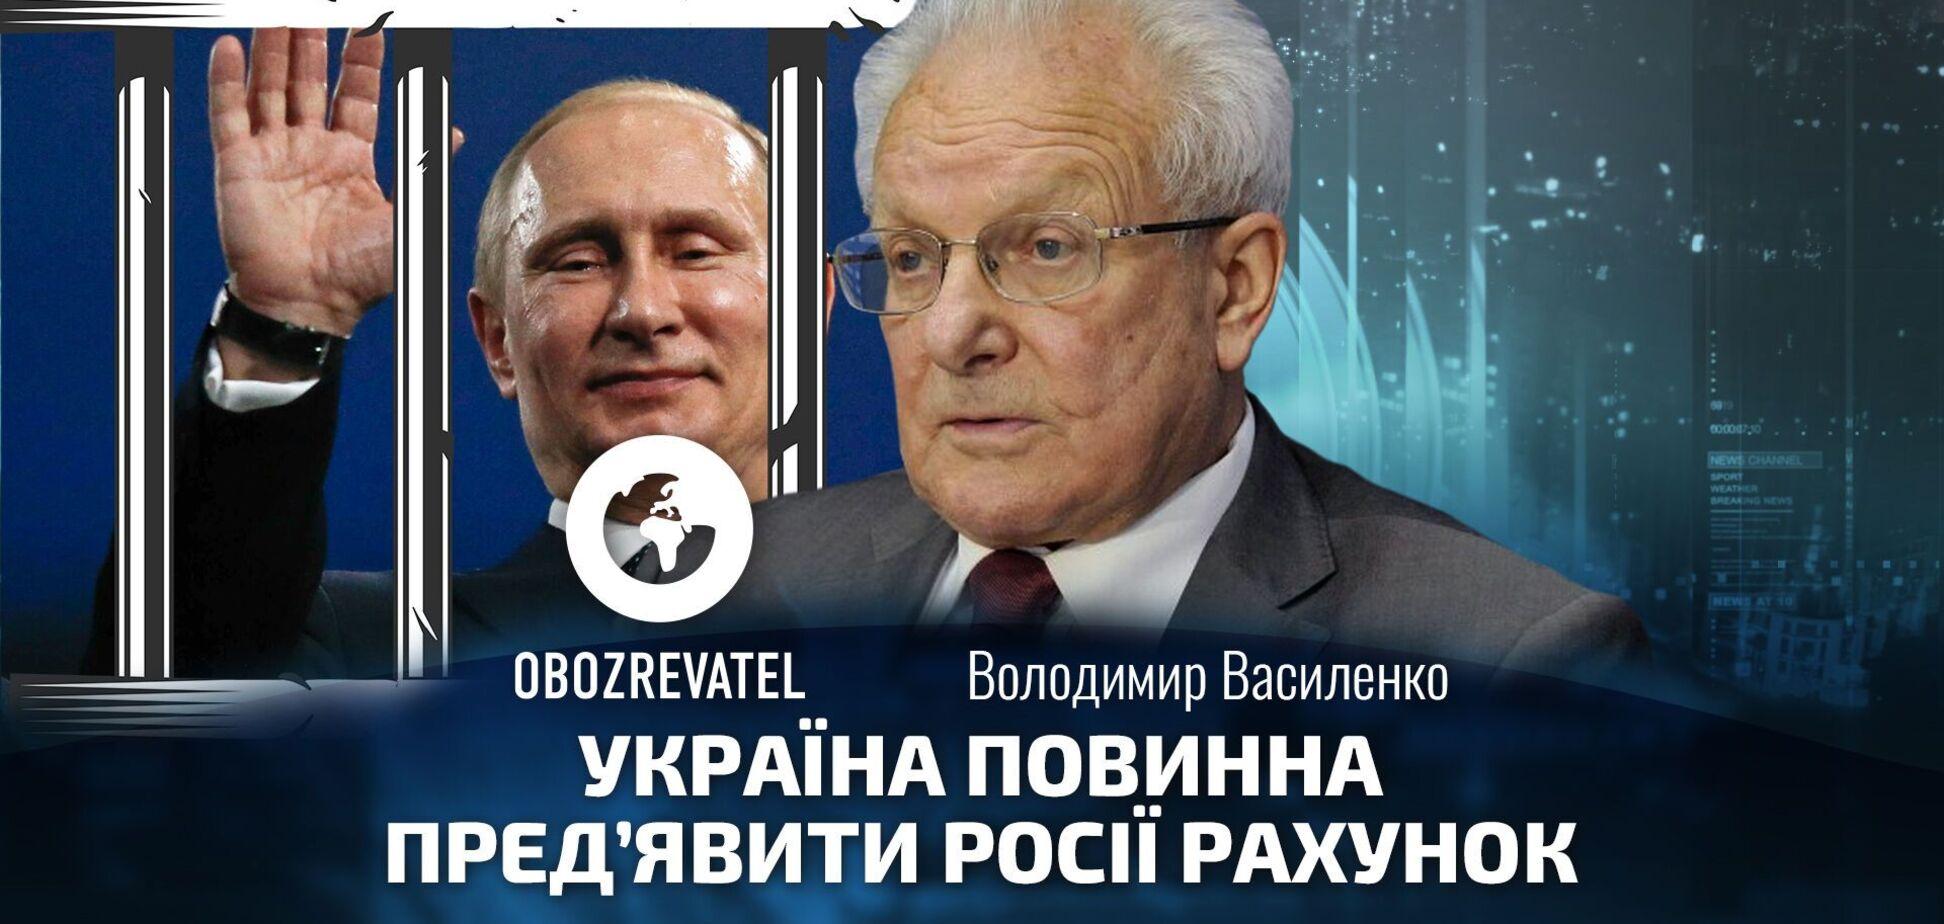 Василенко: Україна повинна пред'явити РФ рахунок